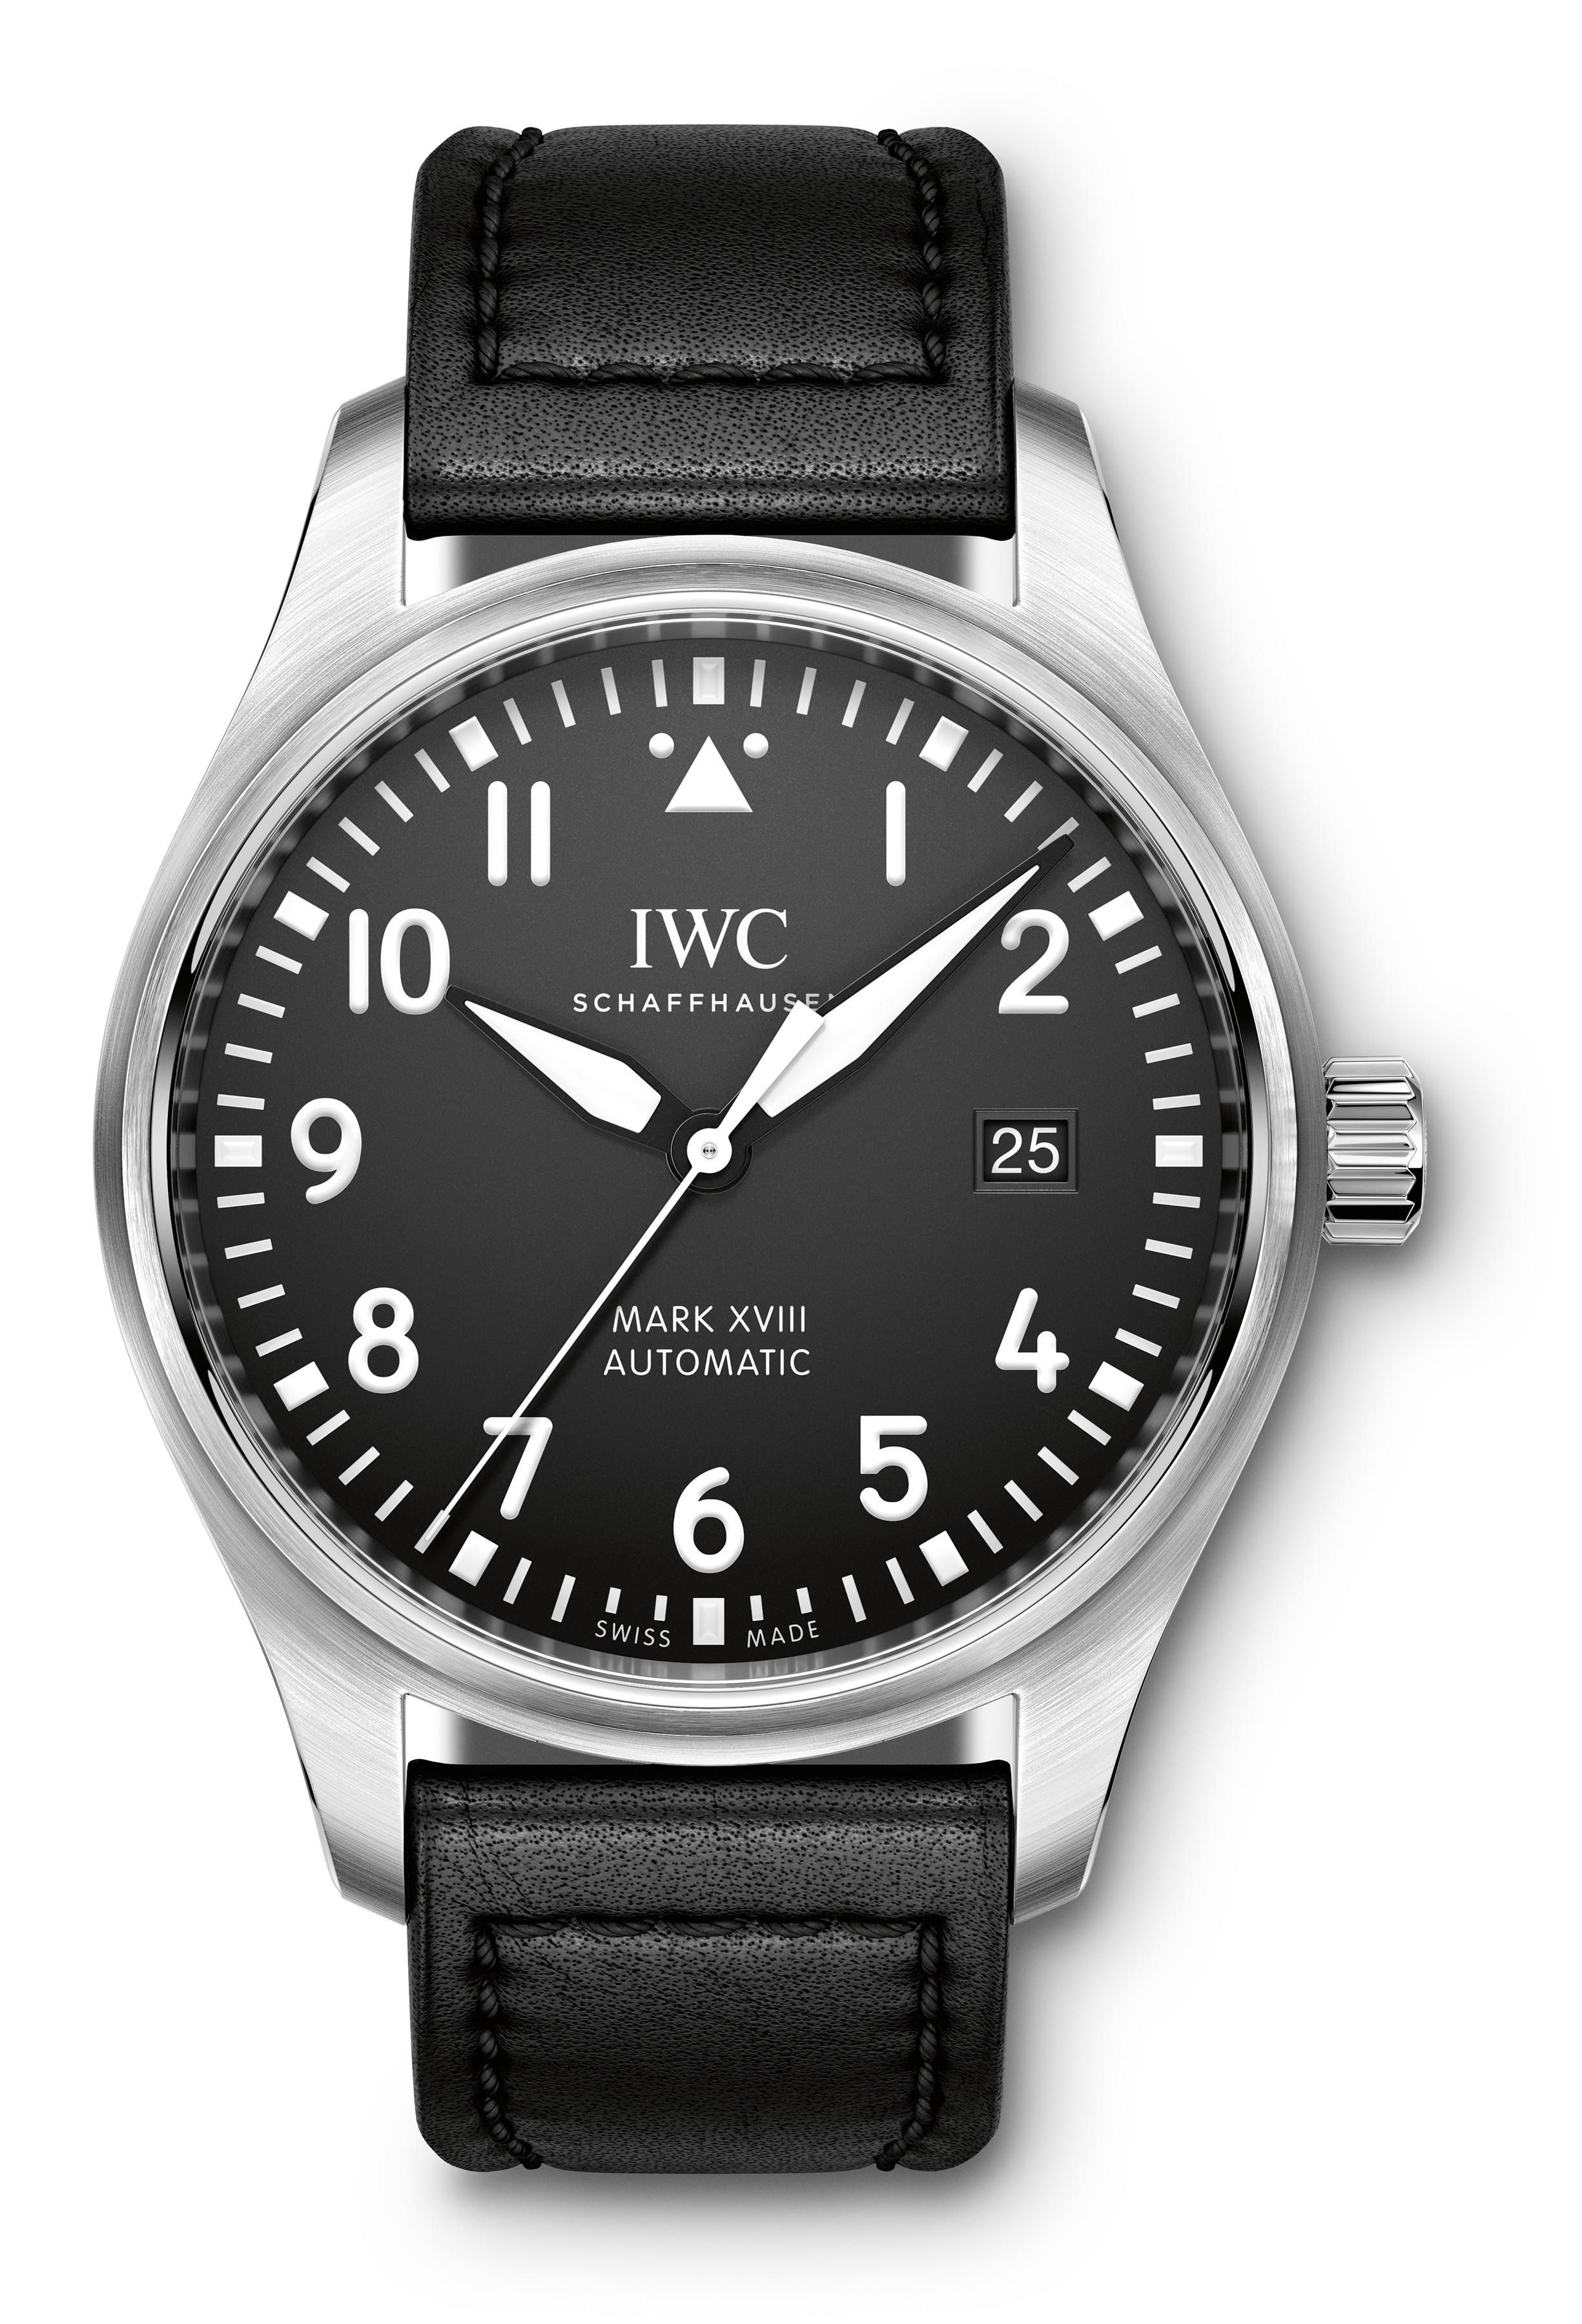 IWC 2016年 新作モデルをおさらい パイロット・ウォッチ ・マークXVIII(18) 全3型